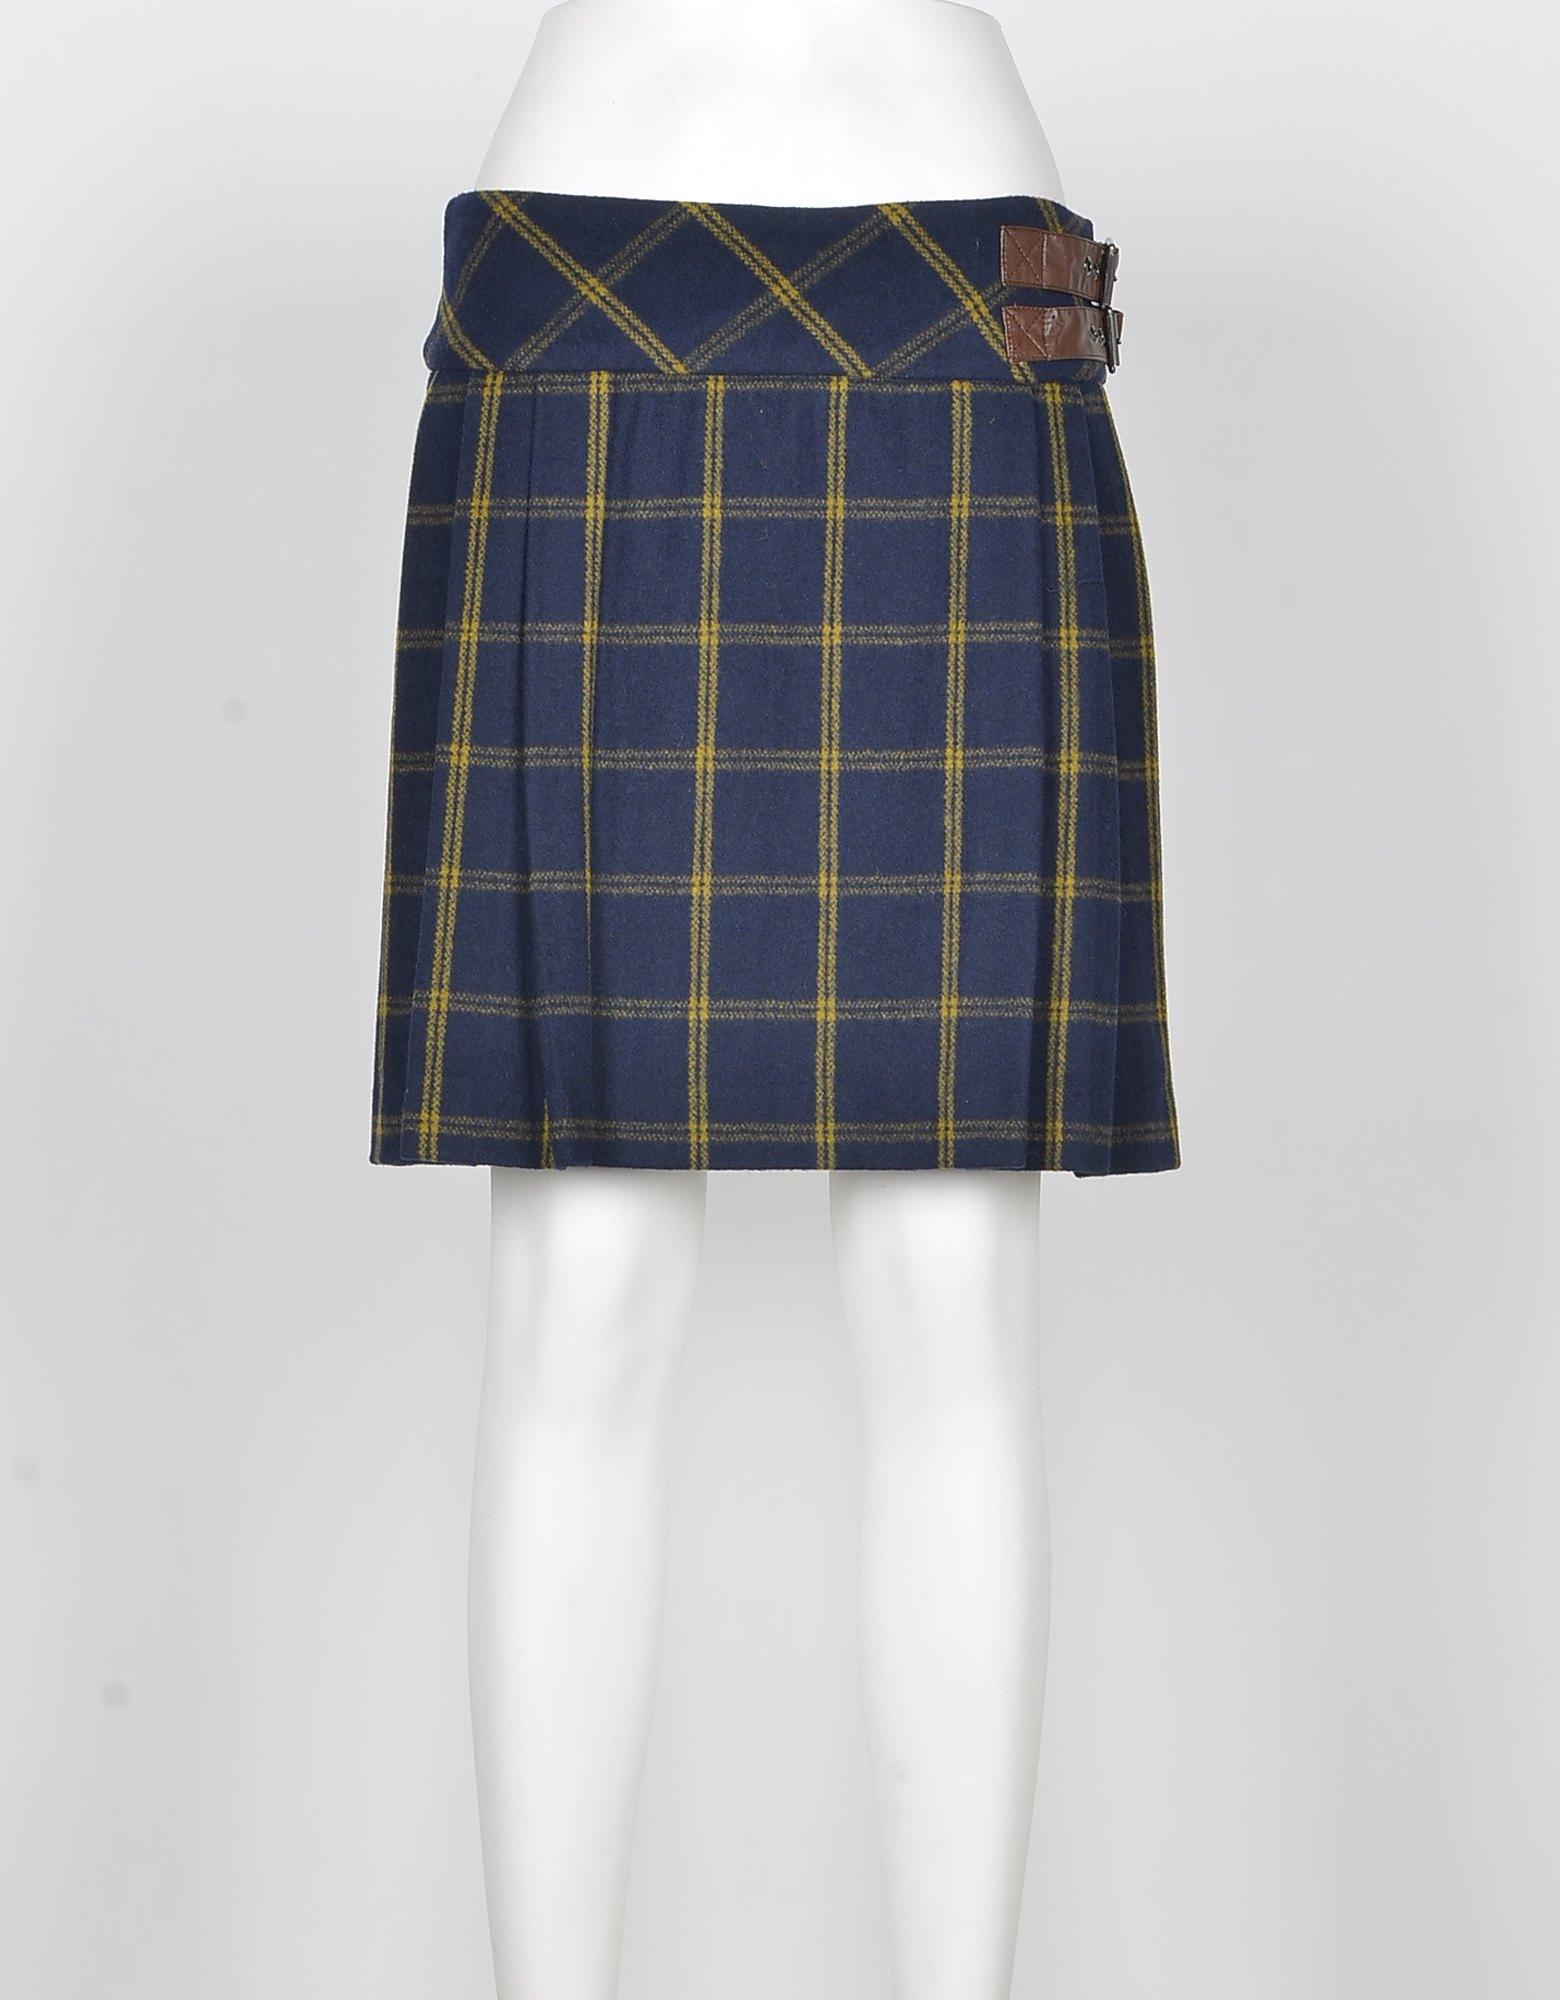 TWIN SET Designer Skirts, Women's Blue Skirt